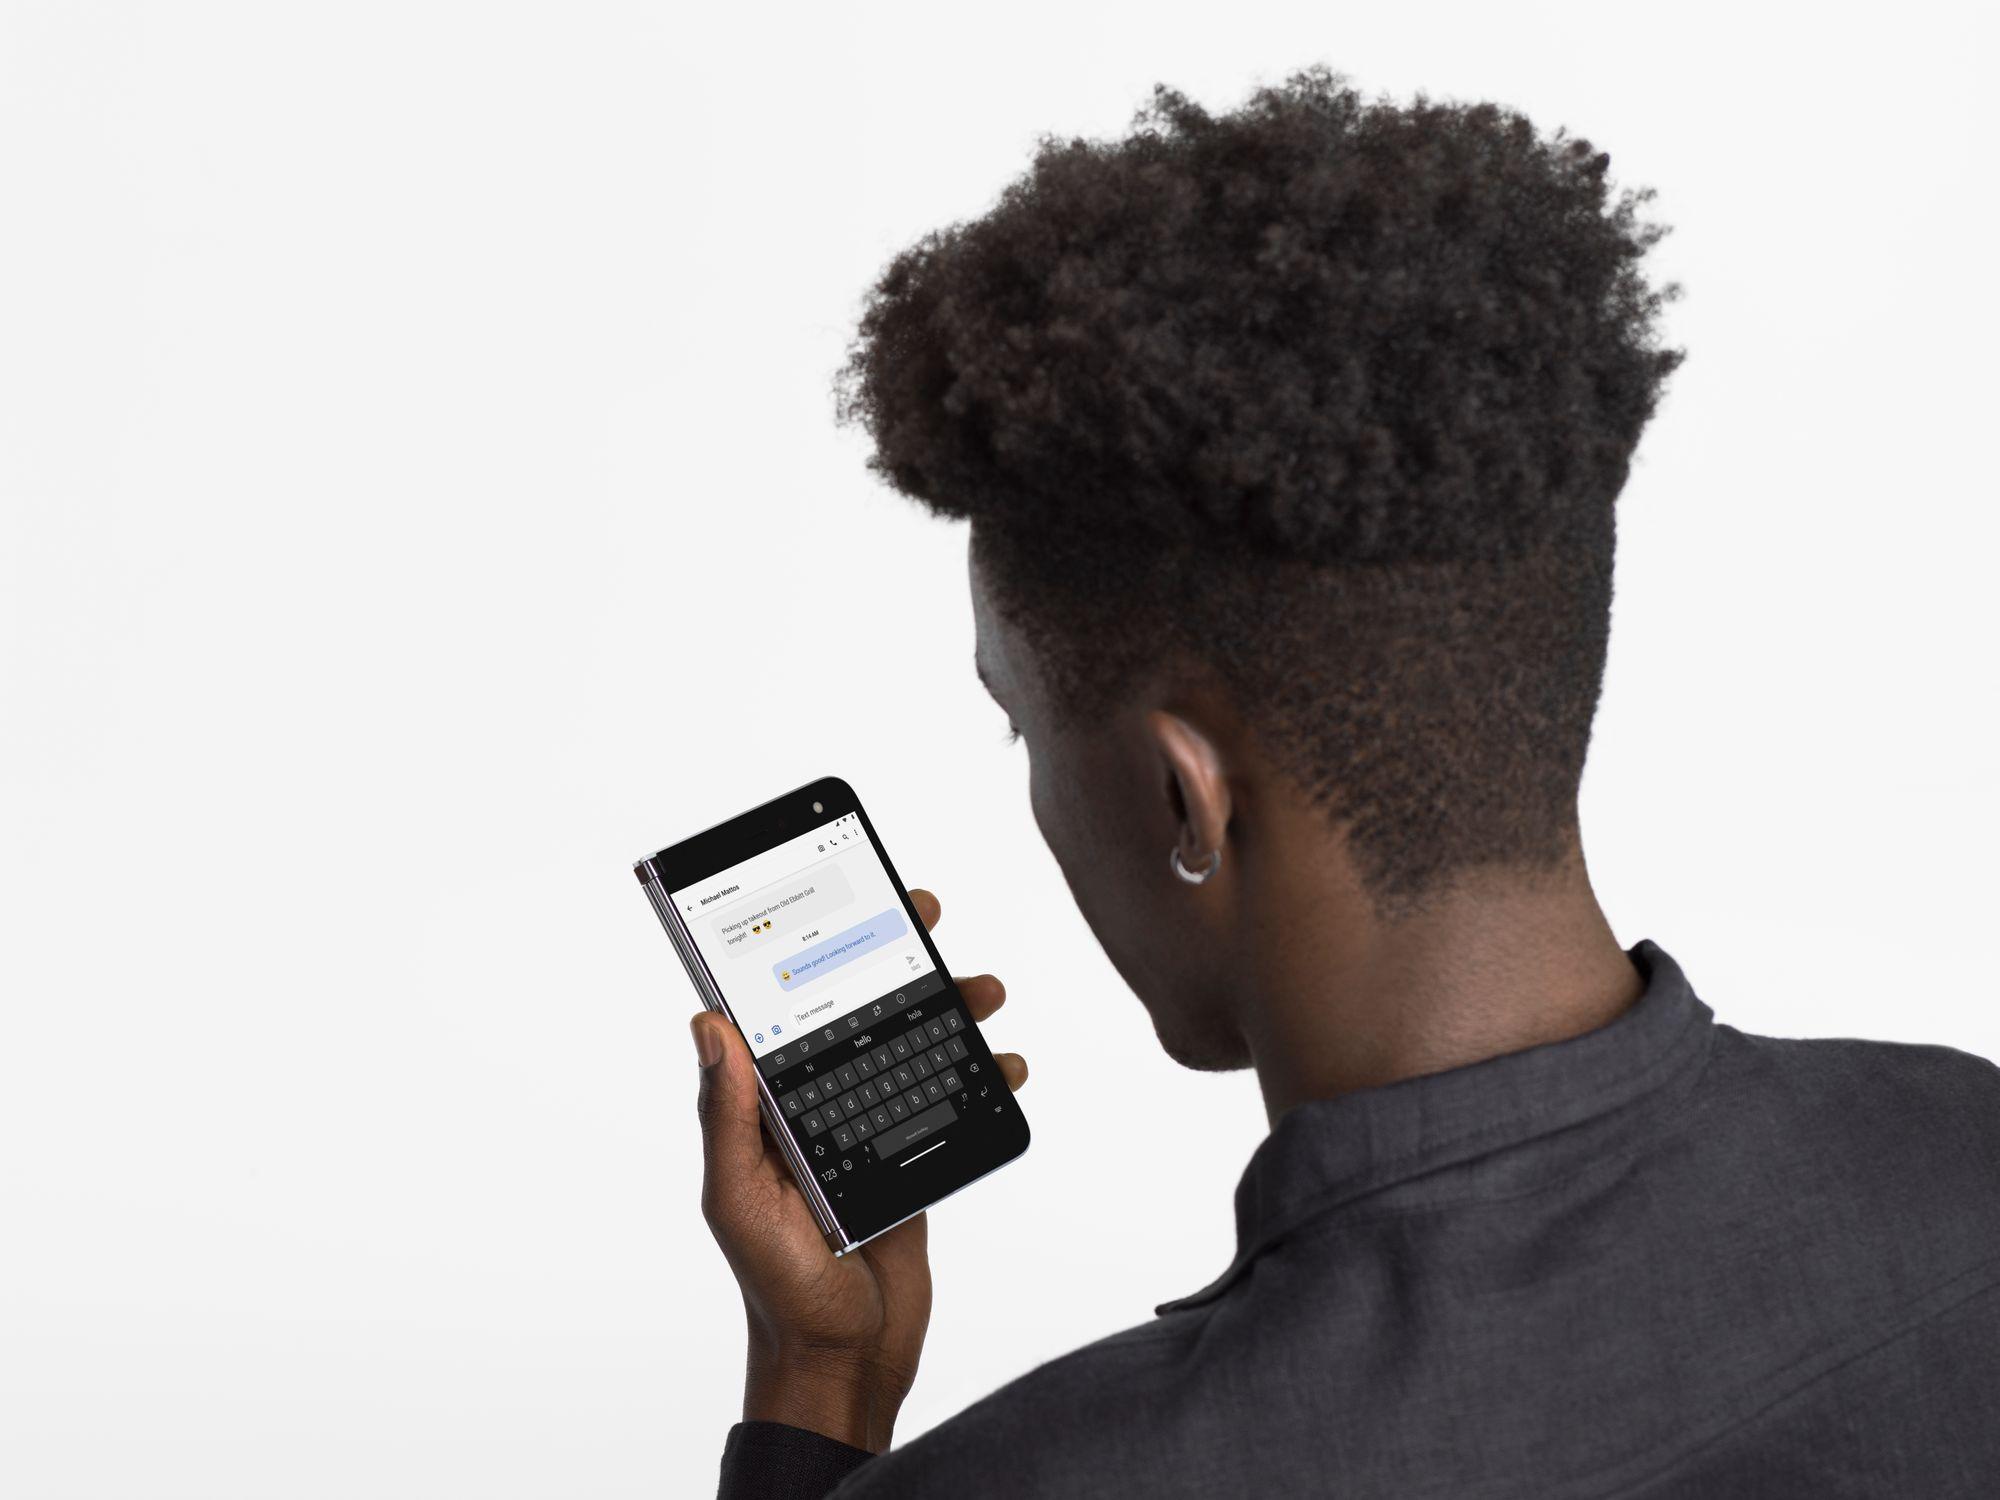 Ein Mann hält das Surface Duo im Telefon-Modus in der Hand und schaut auf einen Bildschirm, auf dem ein Nachrichtenchat geöffnet ist